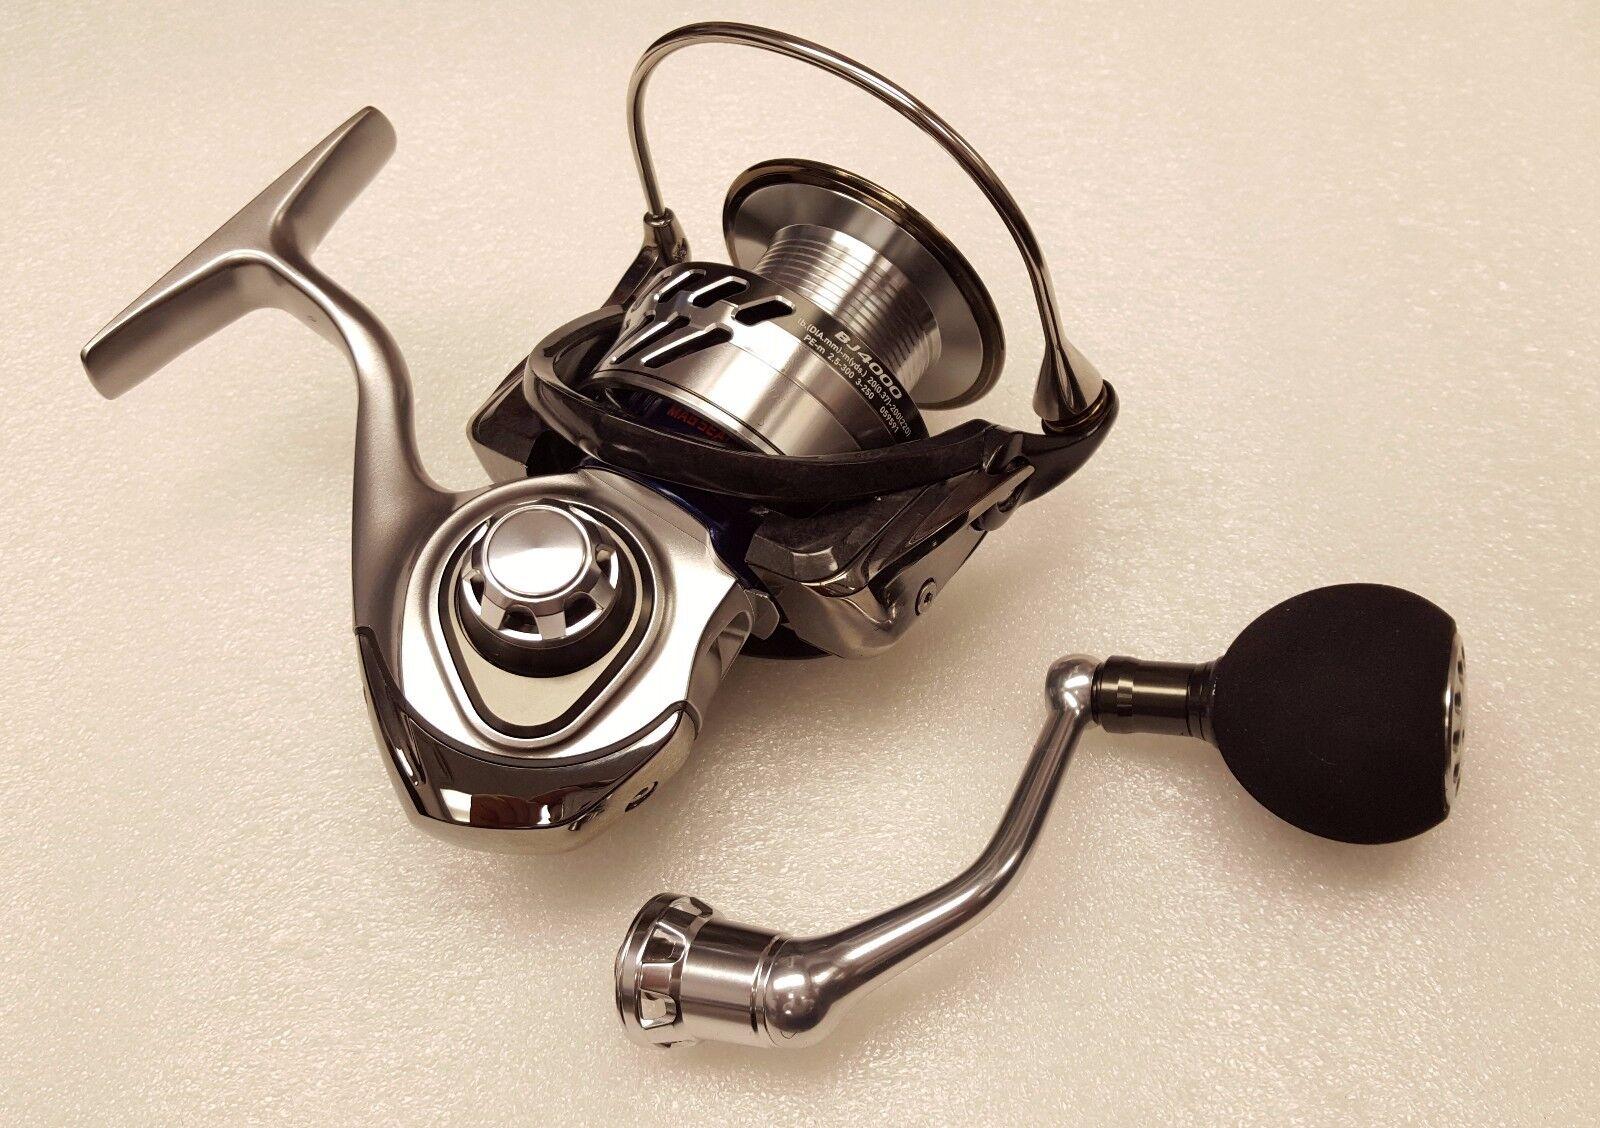 Daiwa Saltiga Bay Jigging 4.9 1 Saltwater Spinning Fishing Reel - SABAYJ4000-JDM